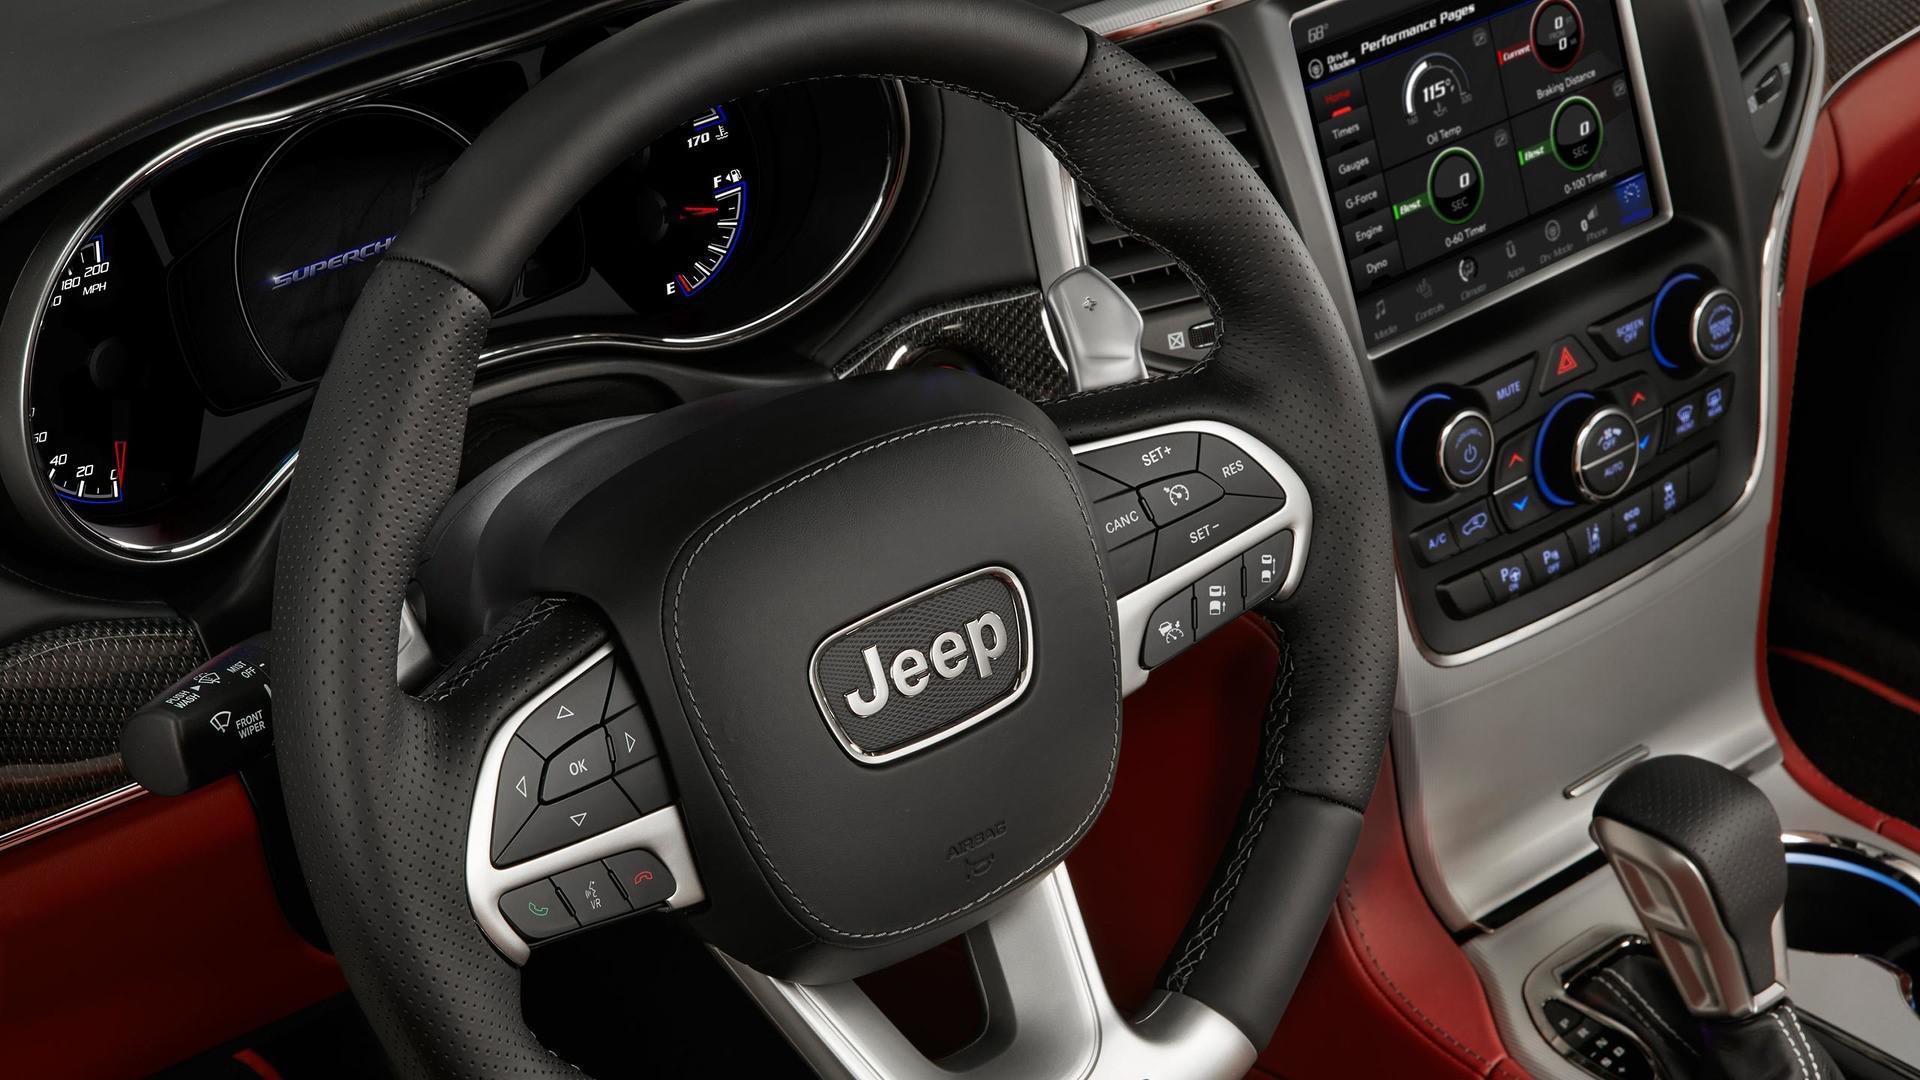 plus-de-1000-ch-pour-le-jeep-grand-cherokee-trackhawk-346-7.jpg